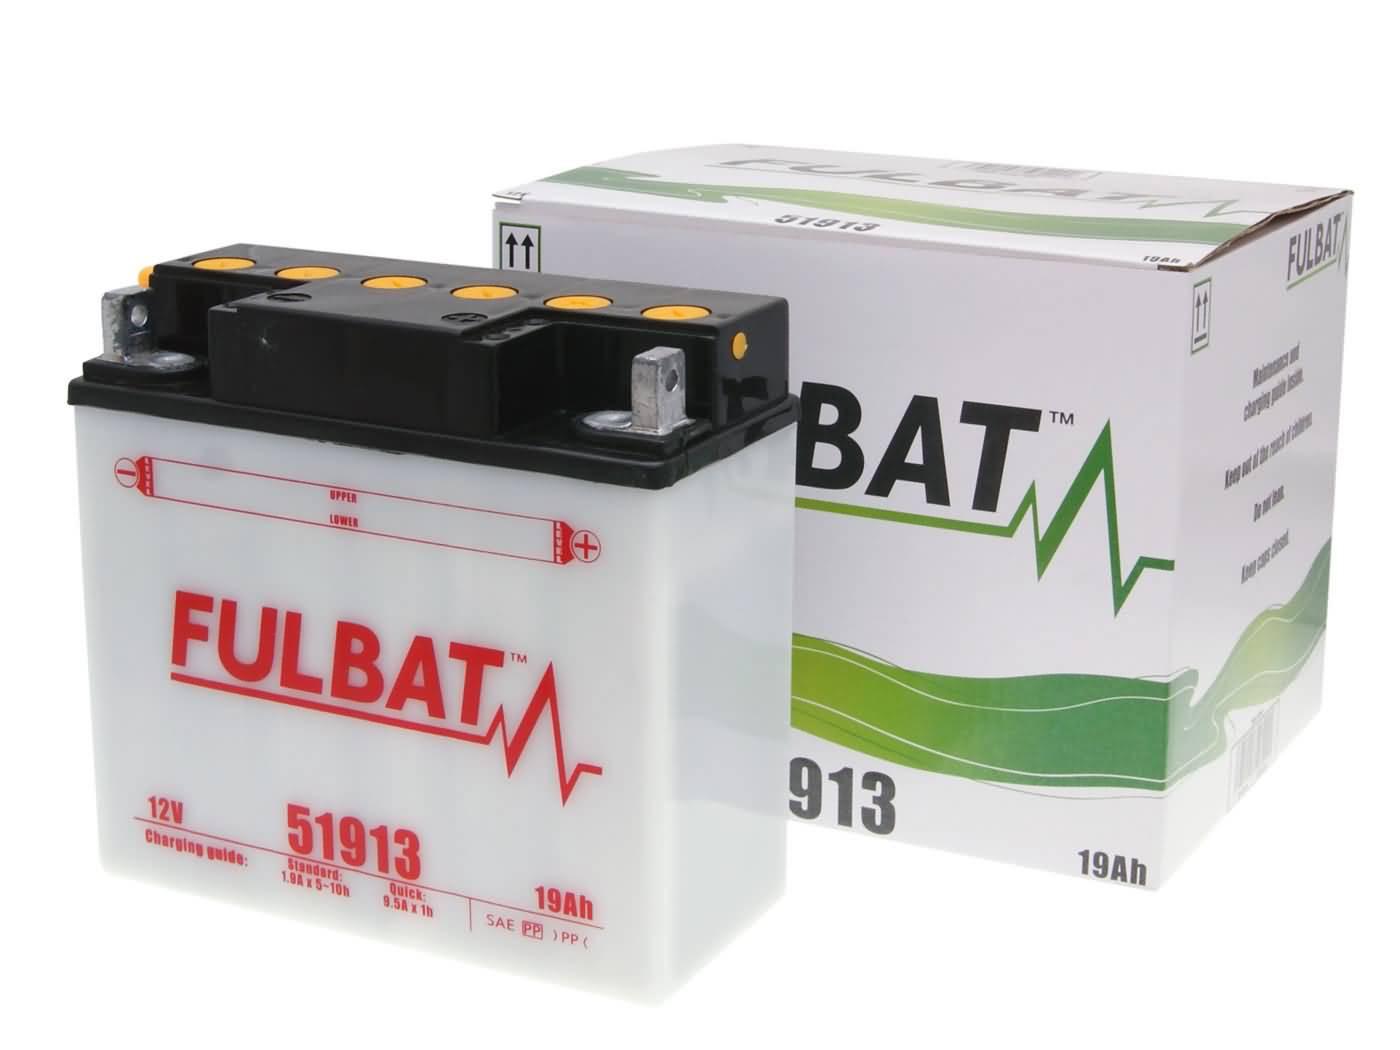 Fulbat 51913 DRY száraz akkumulátor + savcsomag